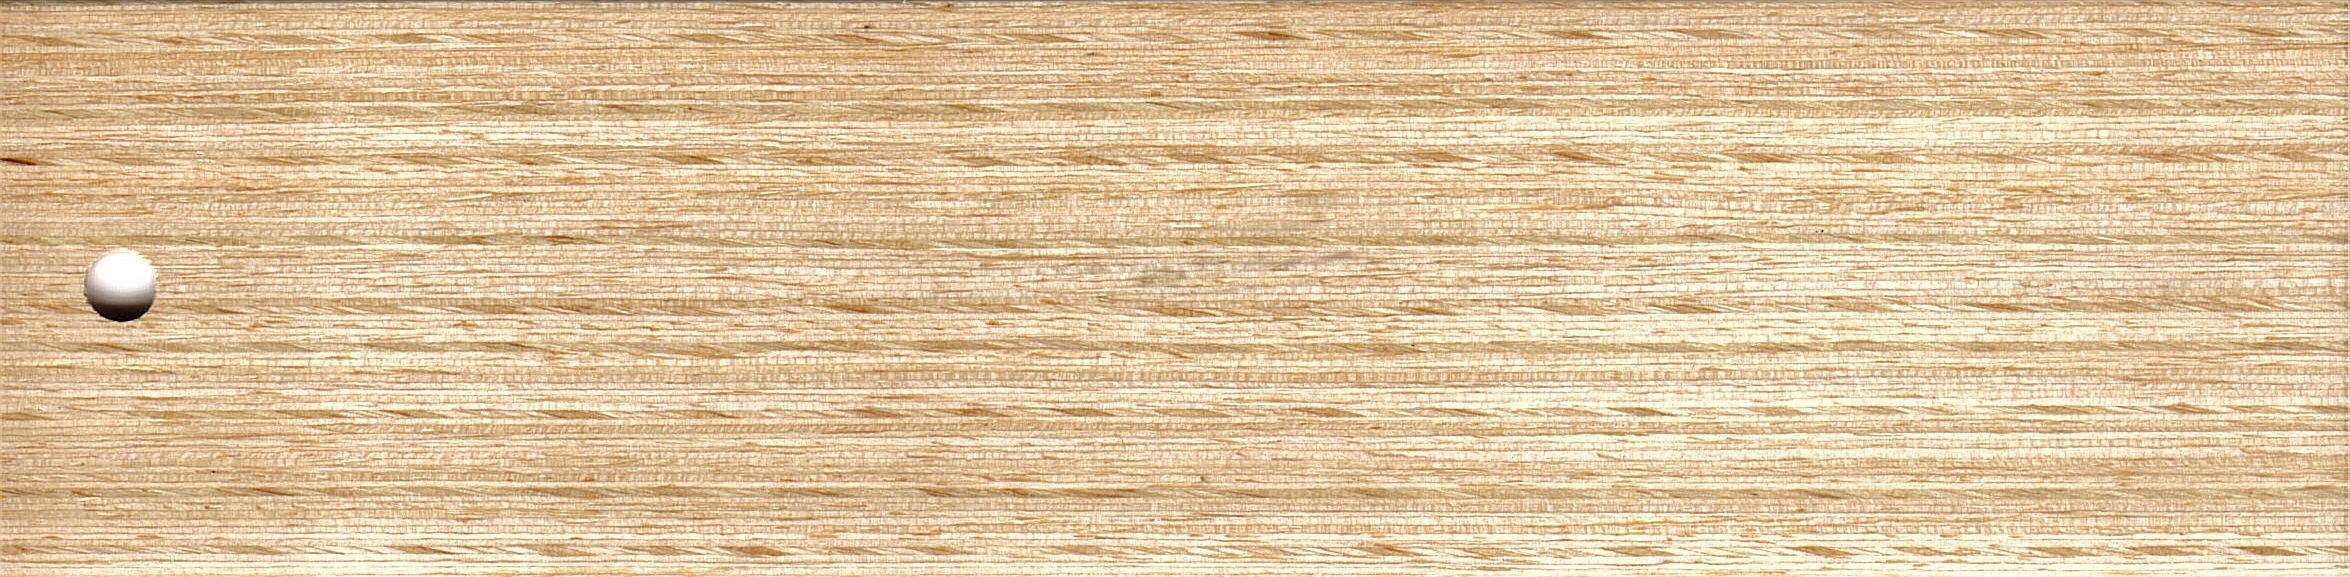 2770 50 mm ŻALUZJE DREWNIANE (żaluzje bambusowe)